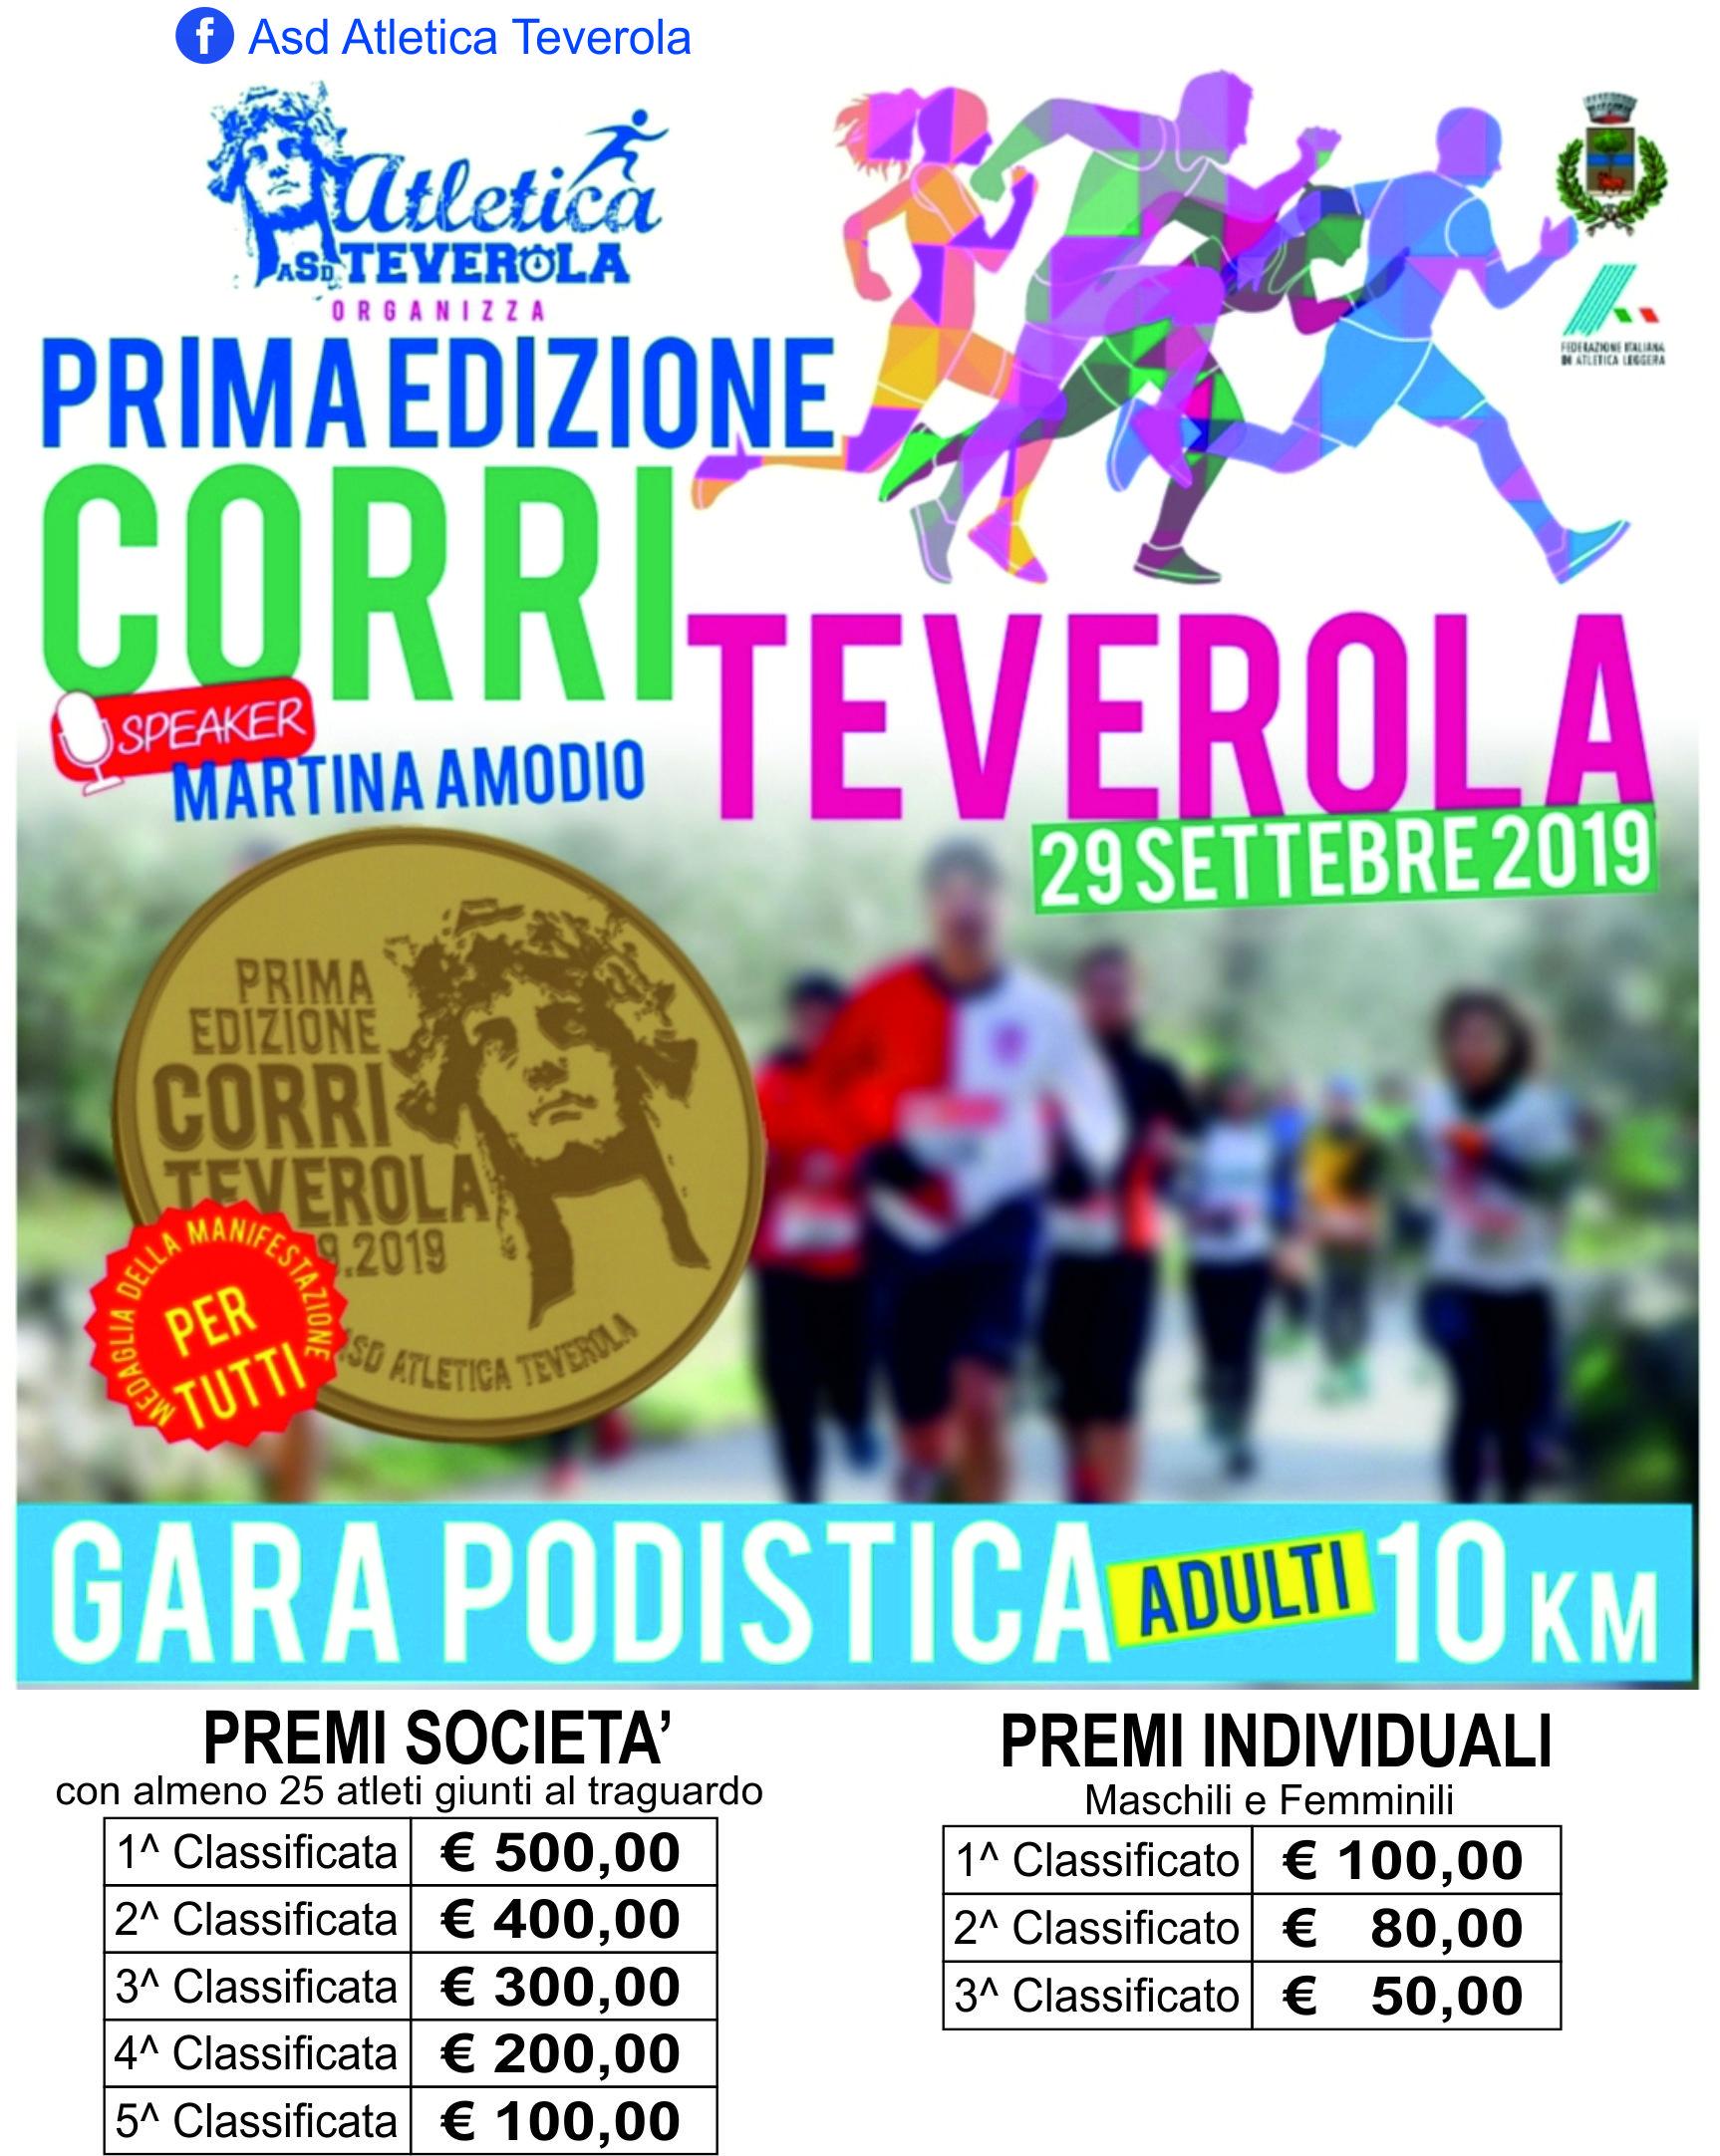 Calendario Gare Podistiche Campania.Cronometrogara It